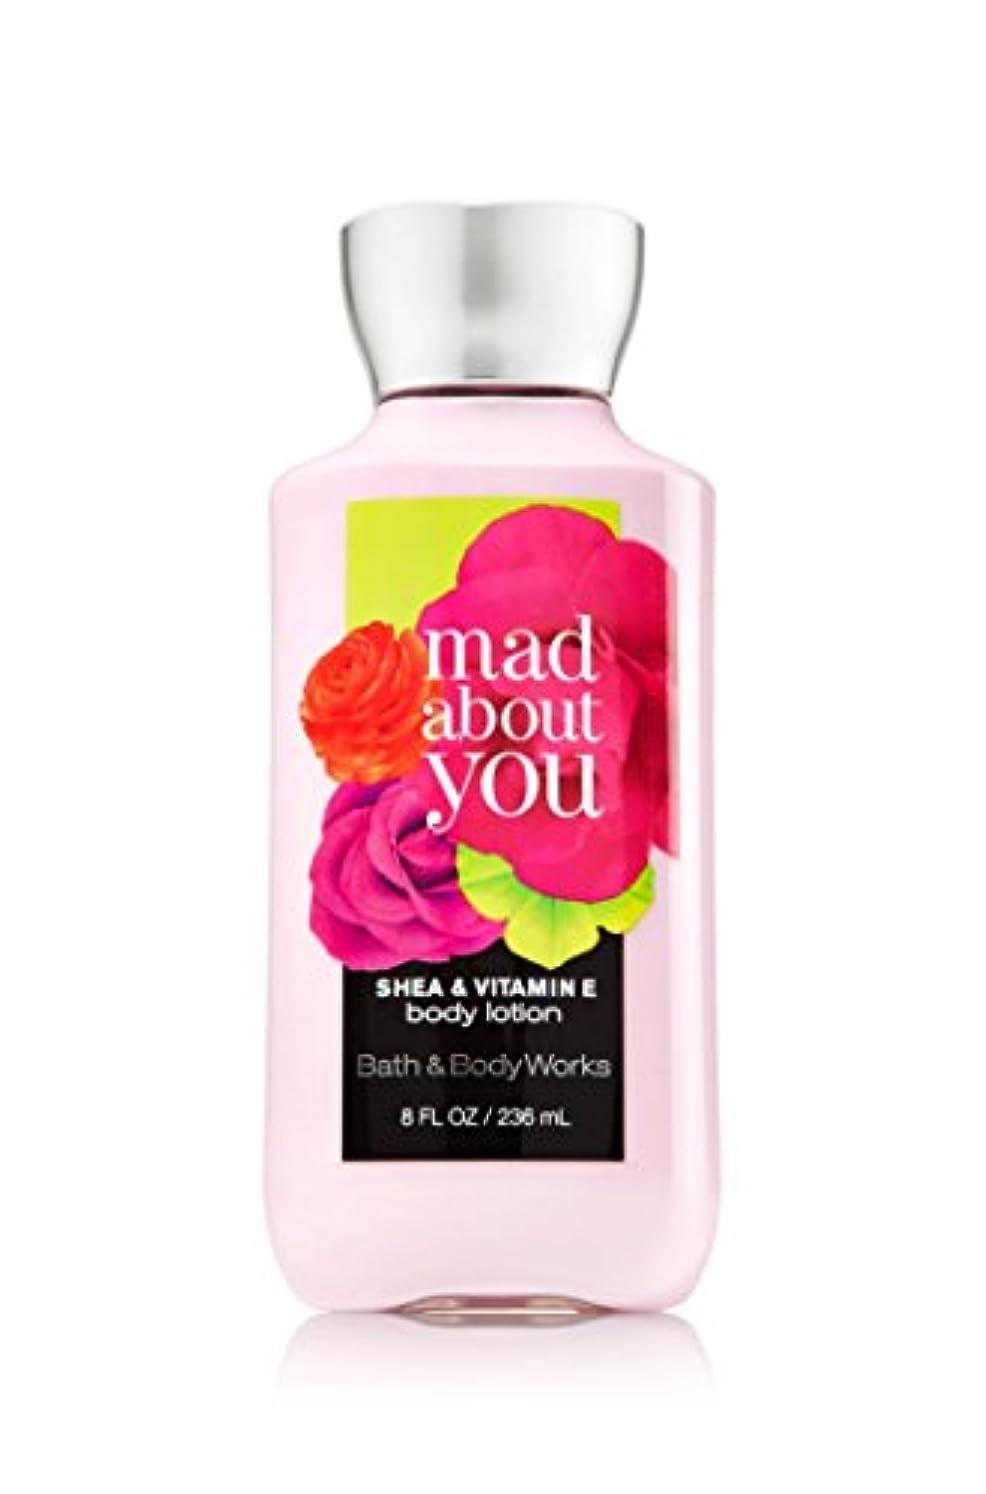 フィヨルドブローラジカルバス&ボディワークス マッドアバウトユー ボディローション Mad About You body lotion [並行輸入品]